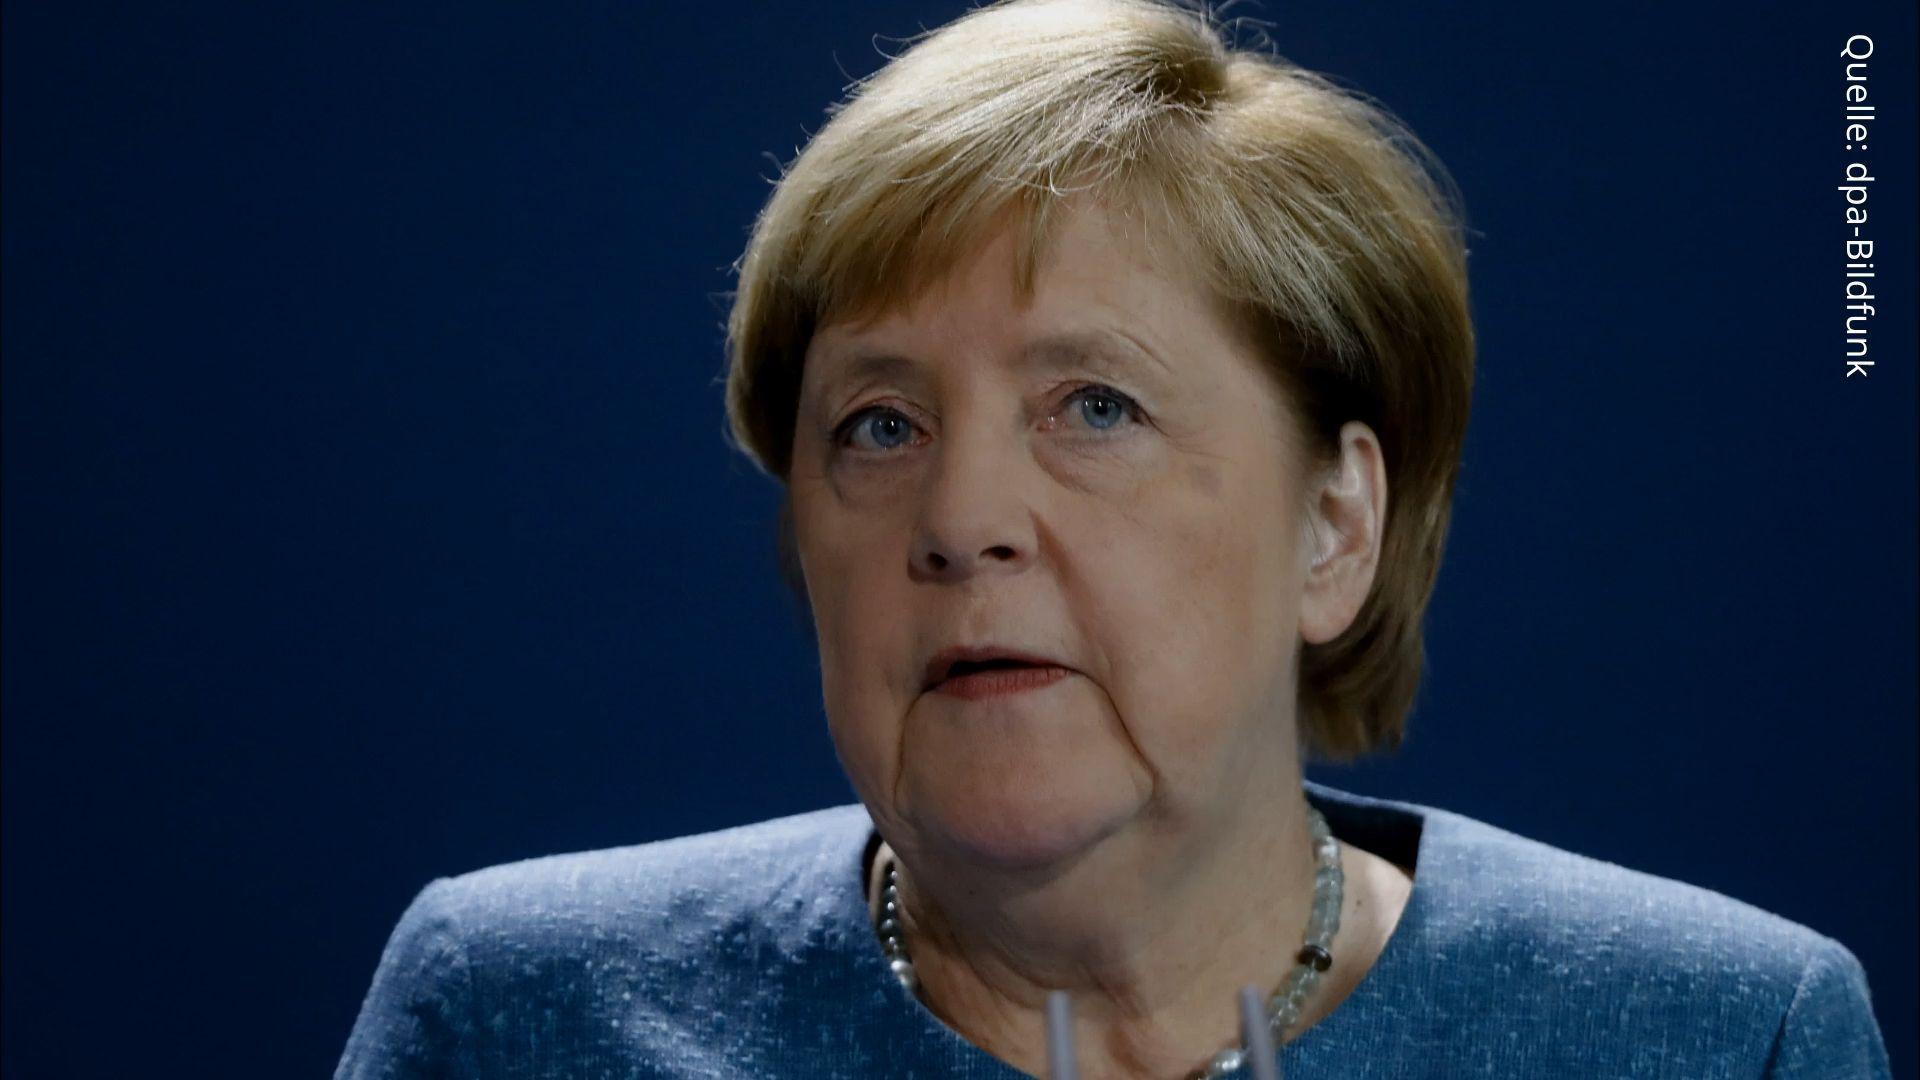 Corona: Merkel soll Lockerungen in geheimer Runde vorbereiten